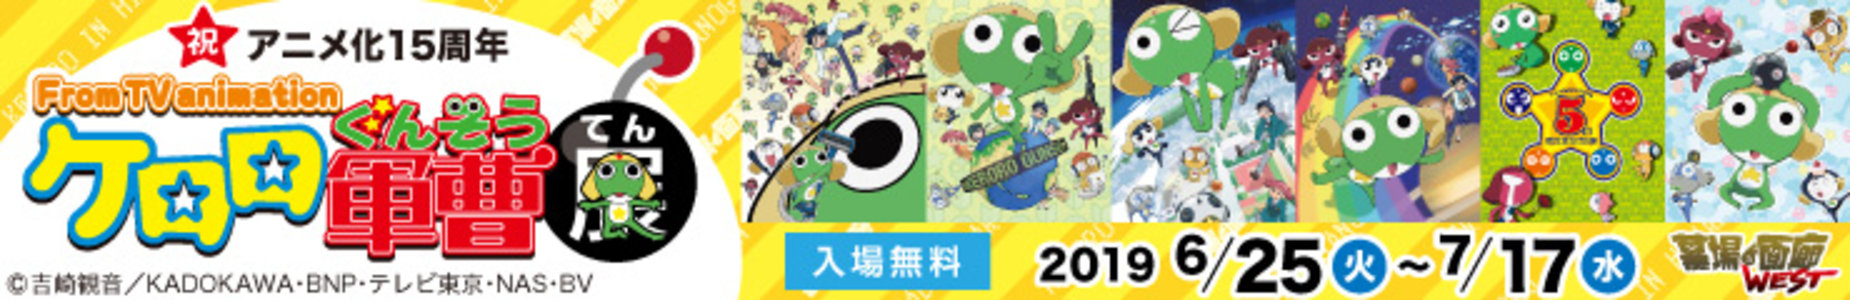 祝!アニメ放送15周年!「ケロロ軍曹作画スタッフトークショー」